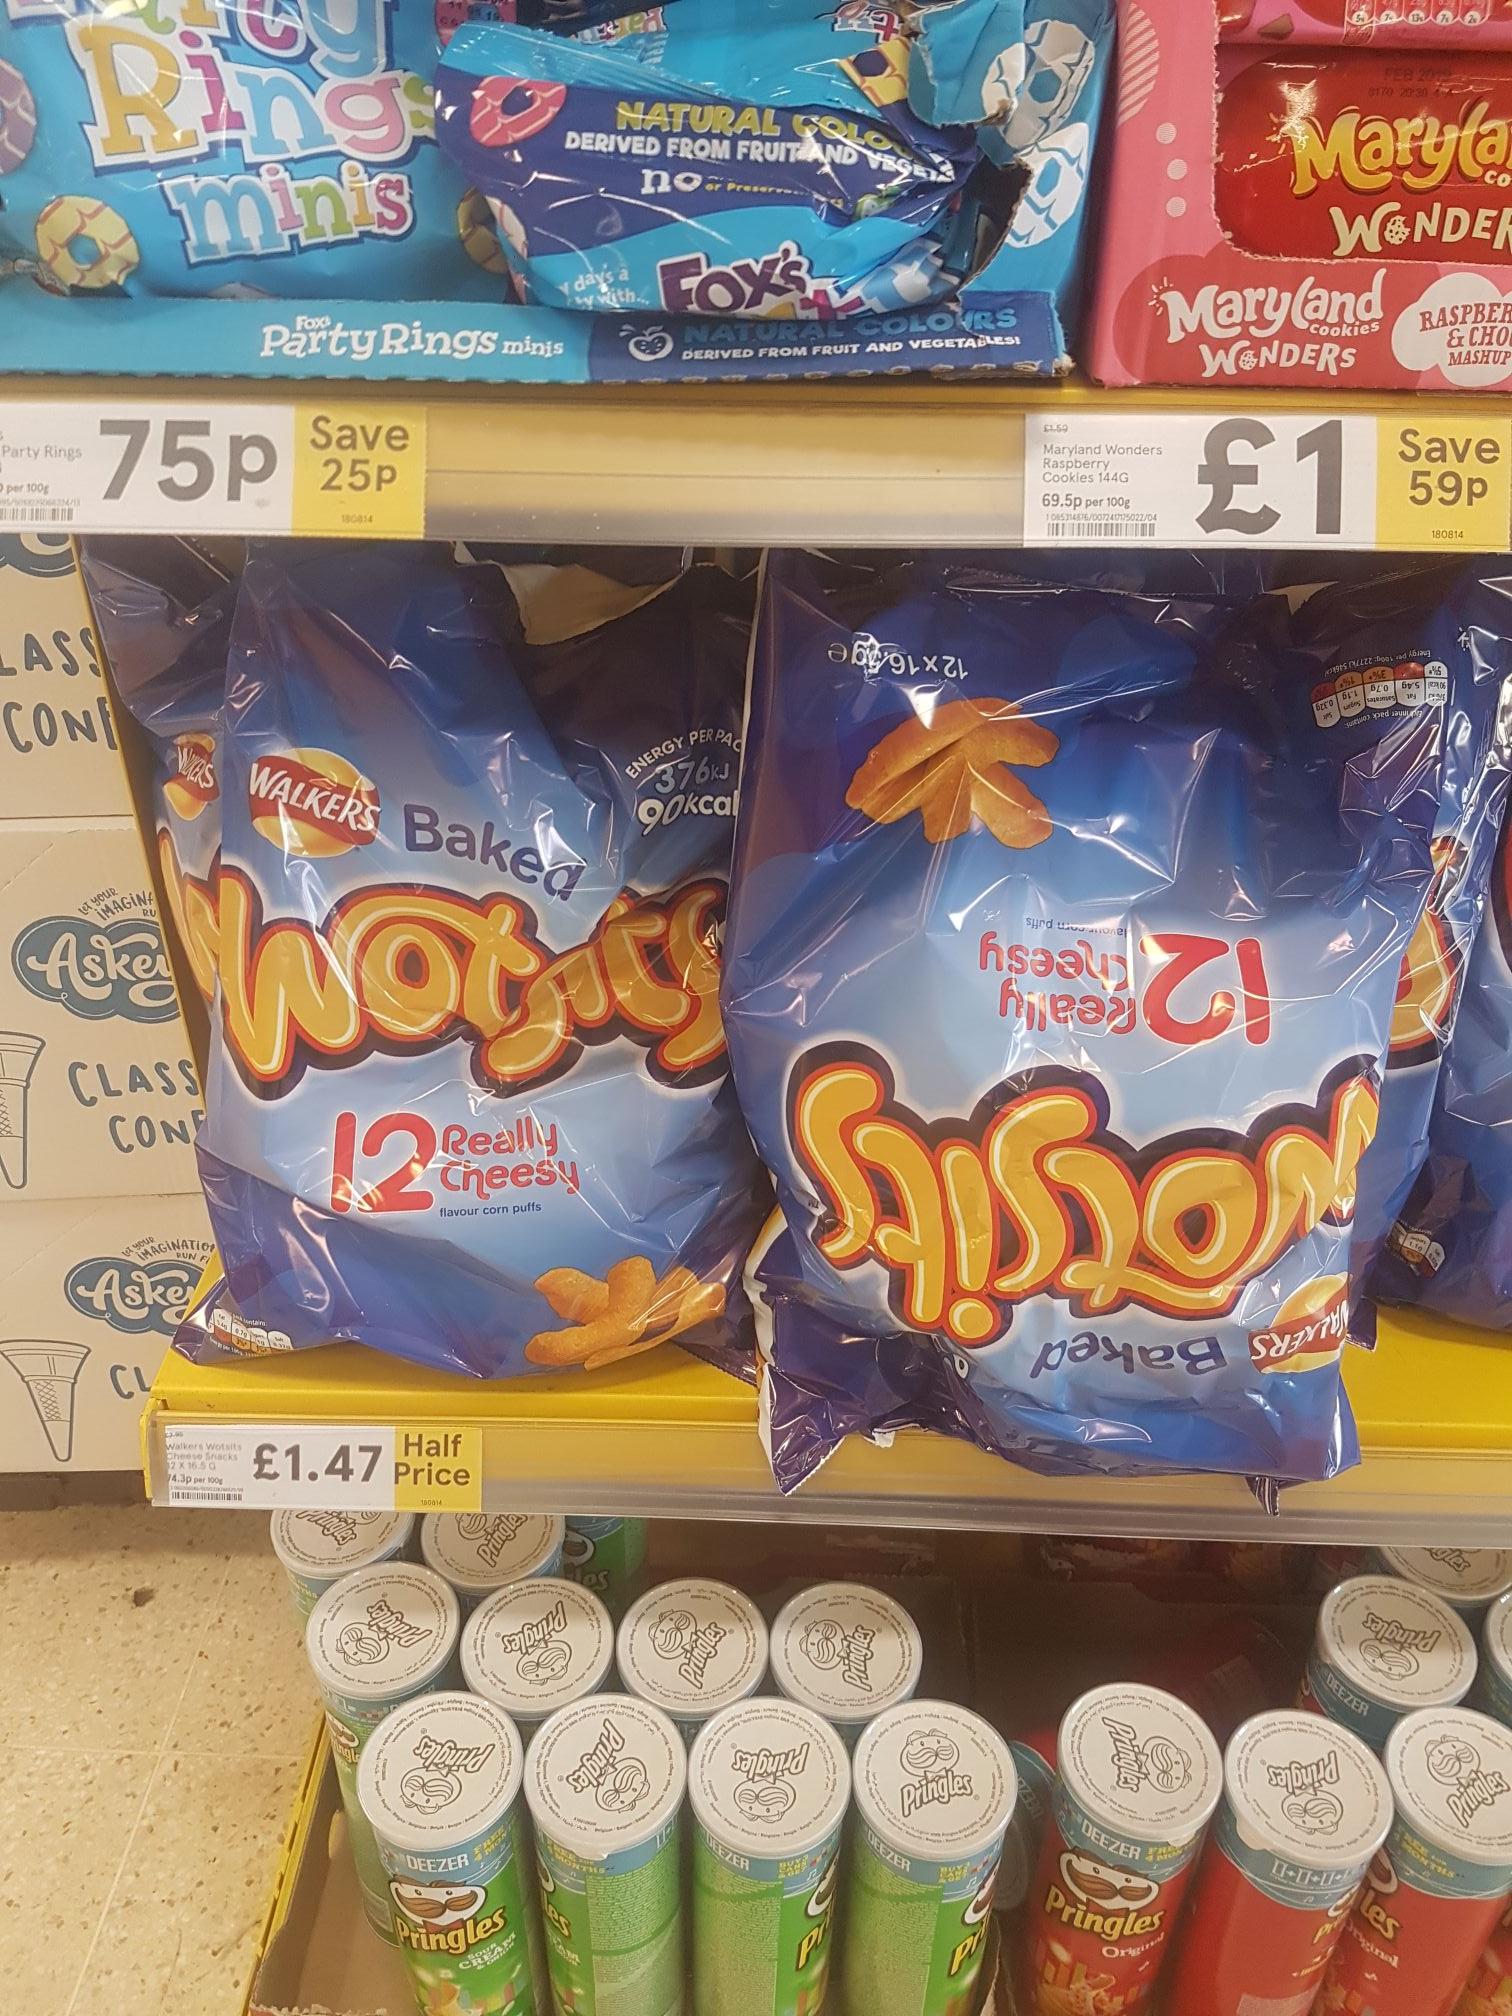 Wosits crisps 12 pack £1.47 instore @ Tesco